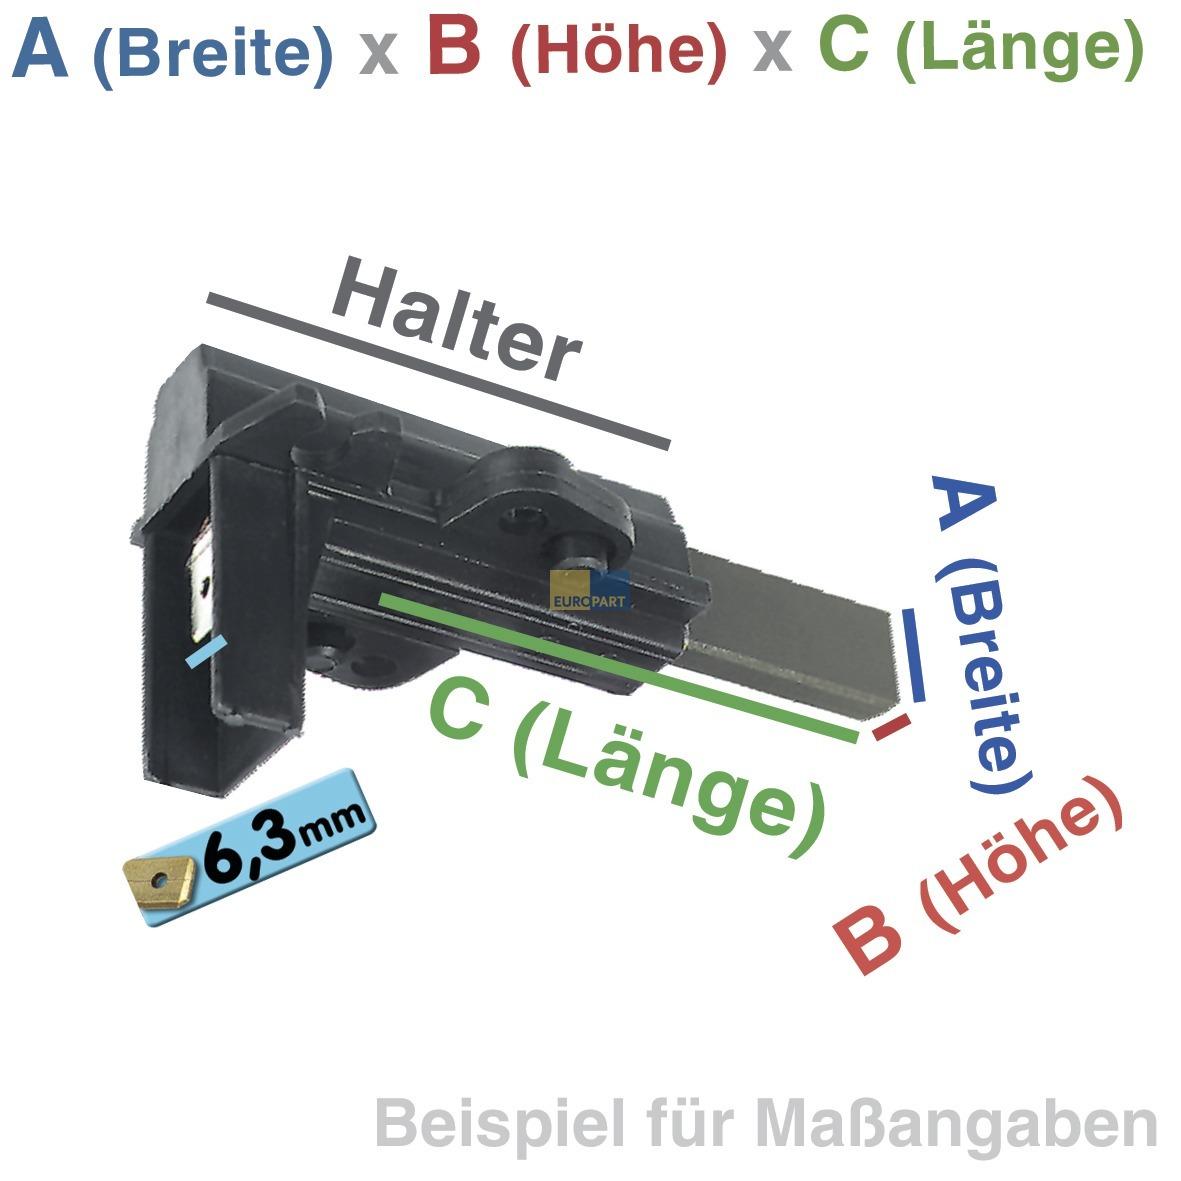 Bauknecht WT 890 WS,891 C,Privileg 5425 Kohlebürsten f